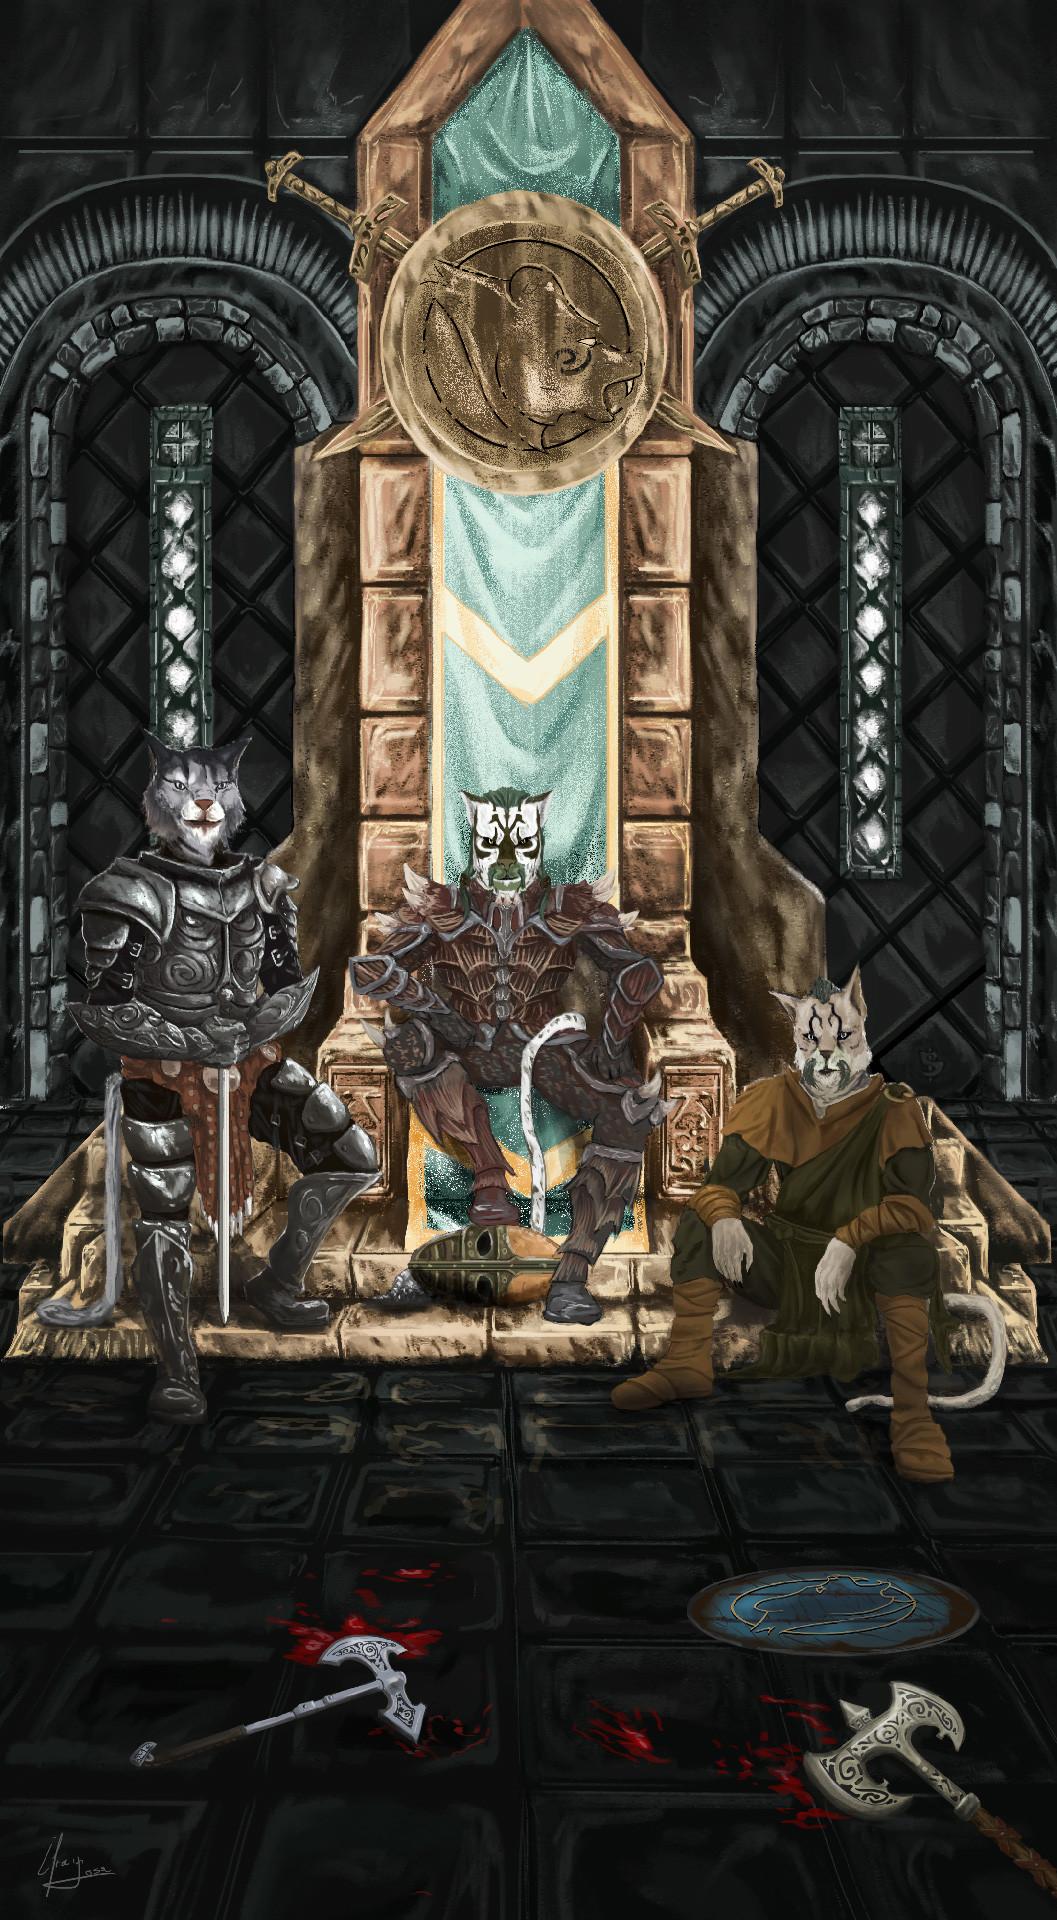 Efrain sosa los khajiitas en el trono final